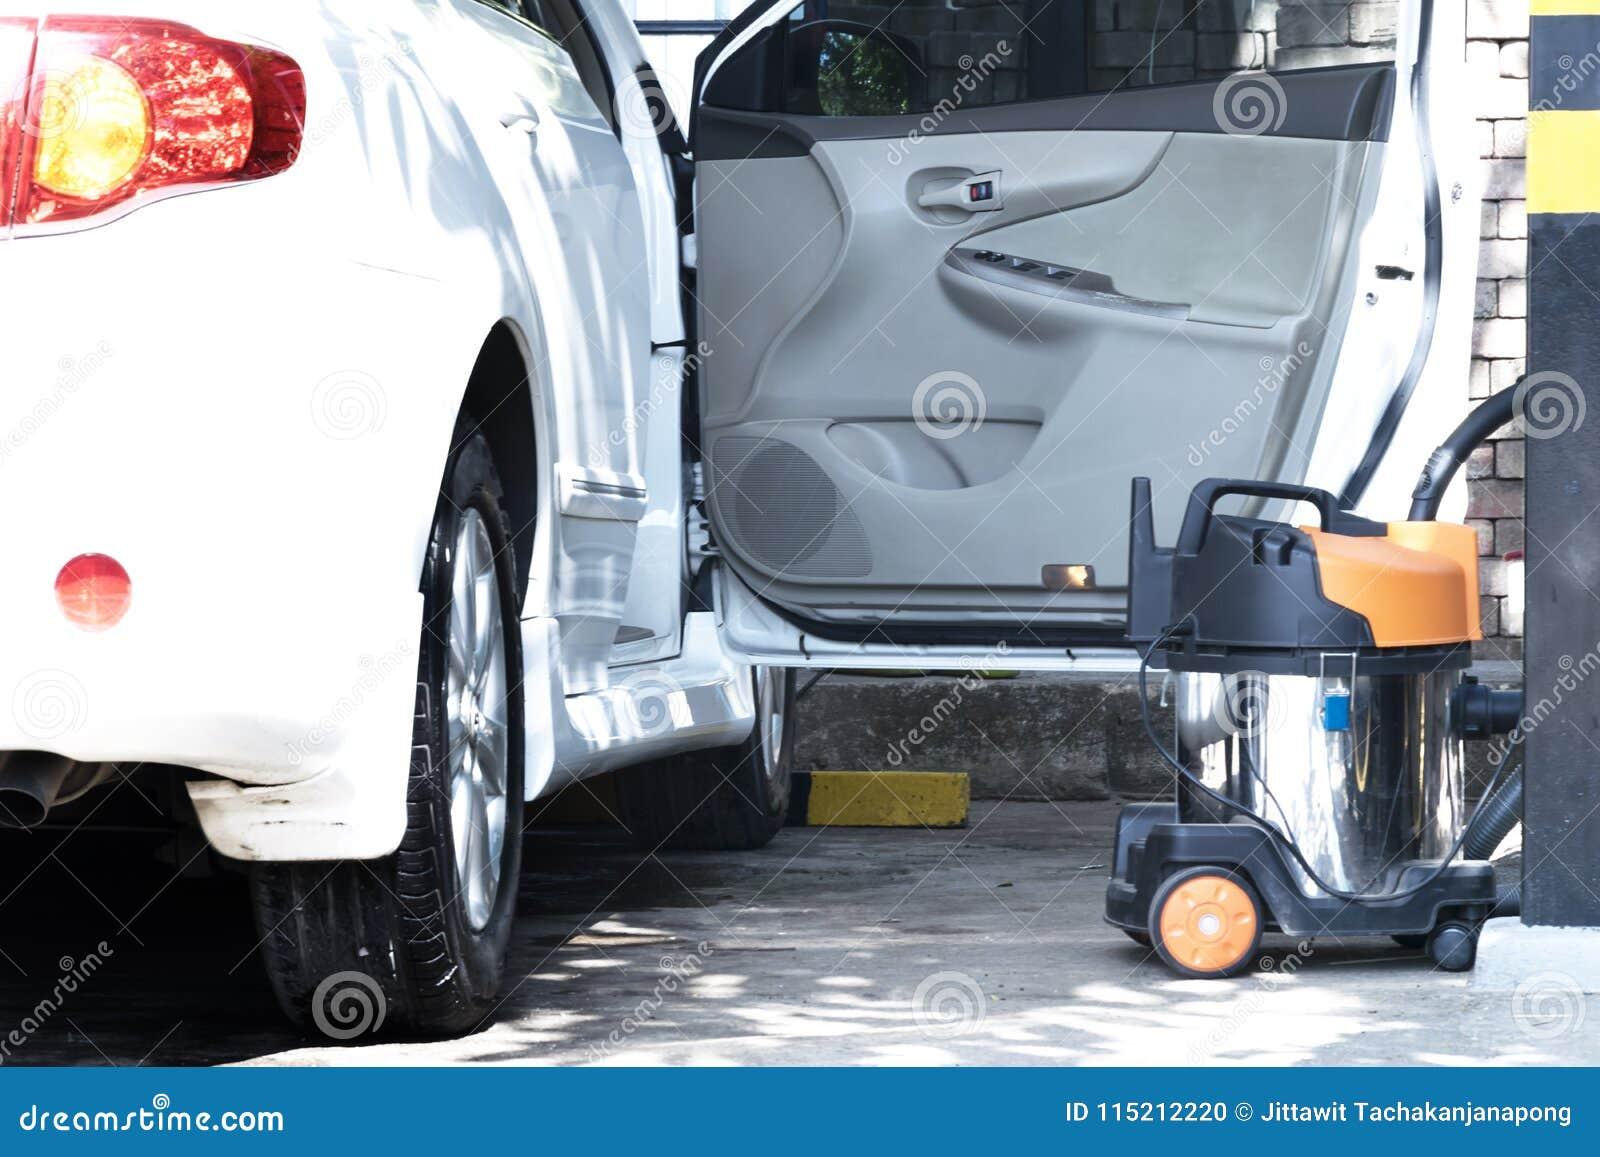 Auto washing